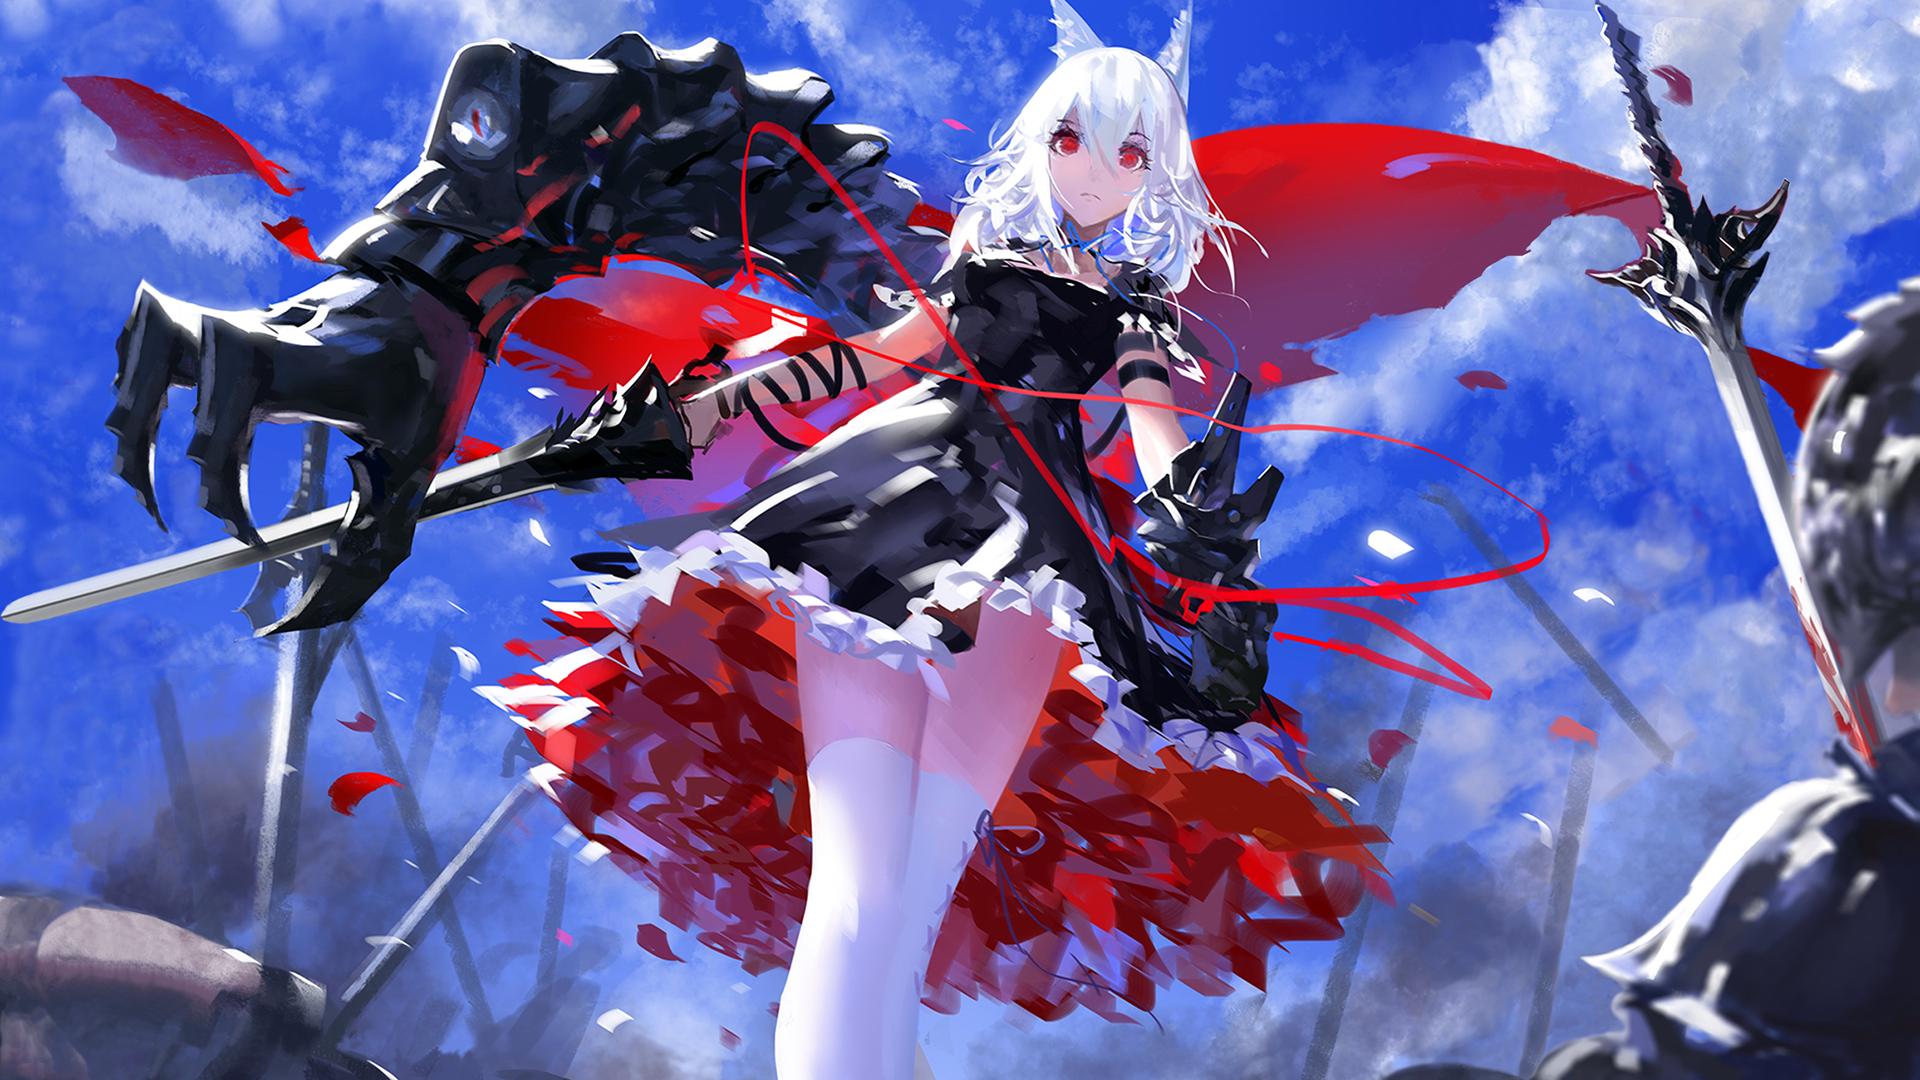 Landscape anime anime girls snow winter battle demon flower season